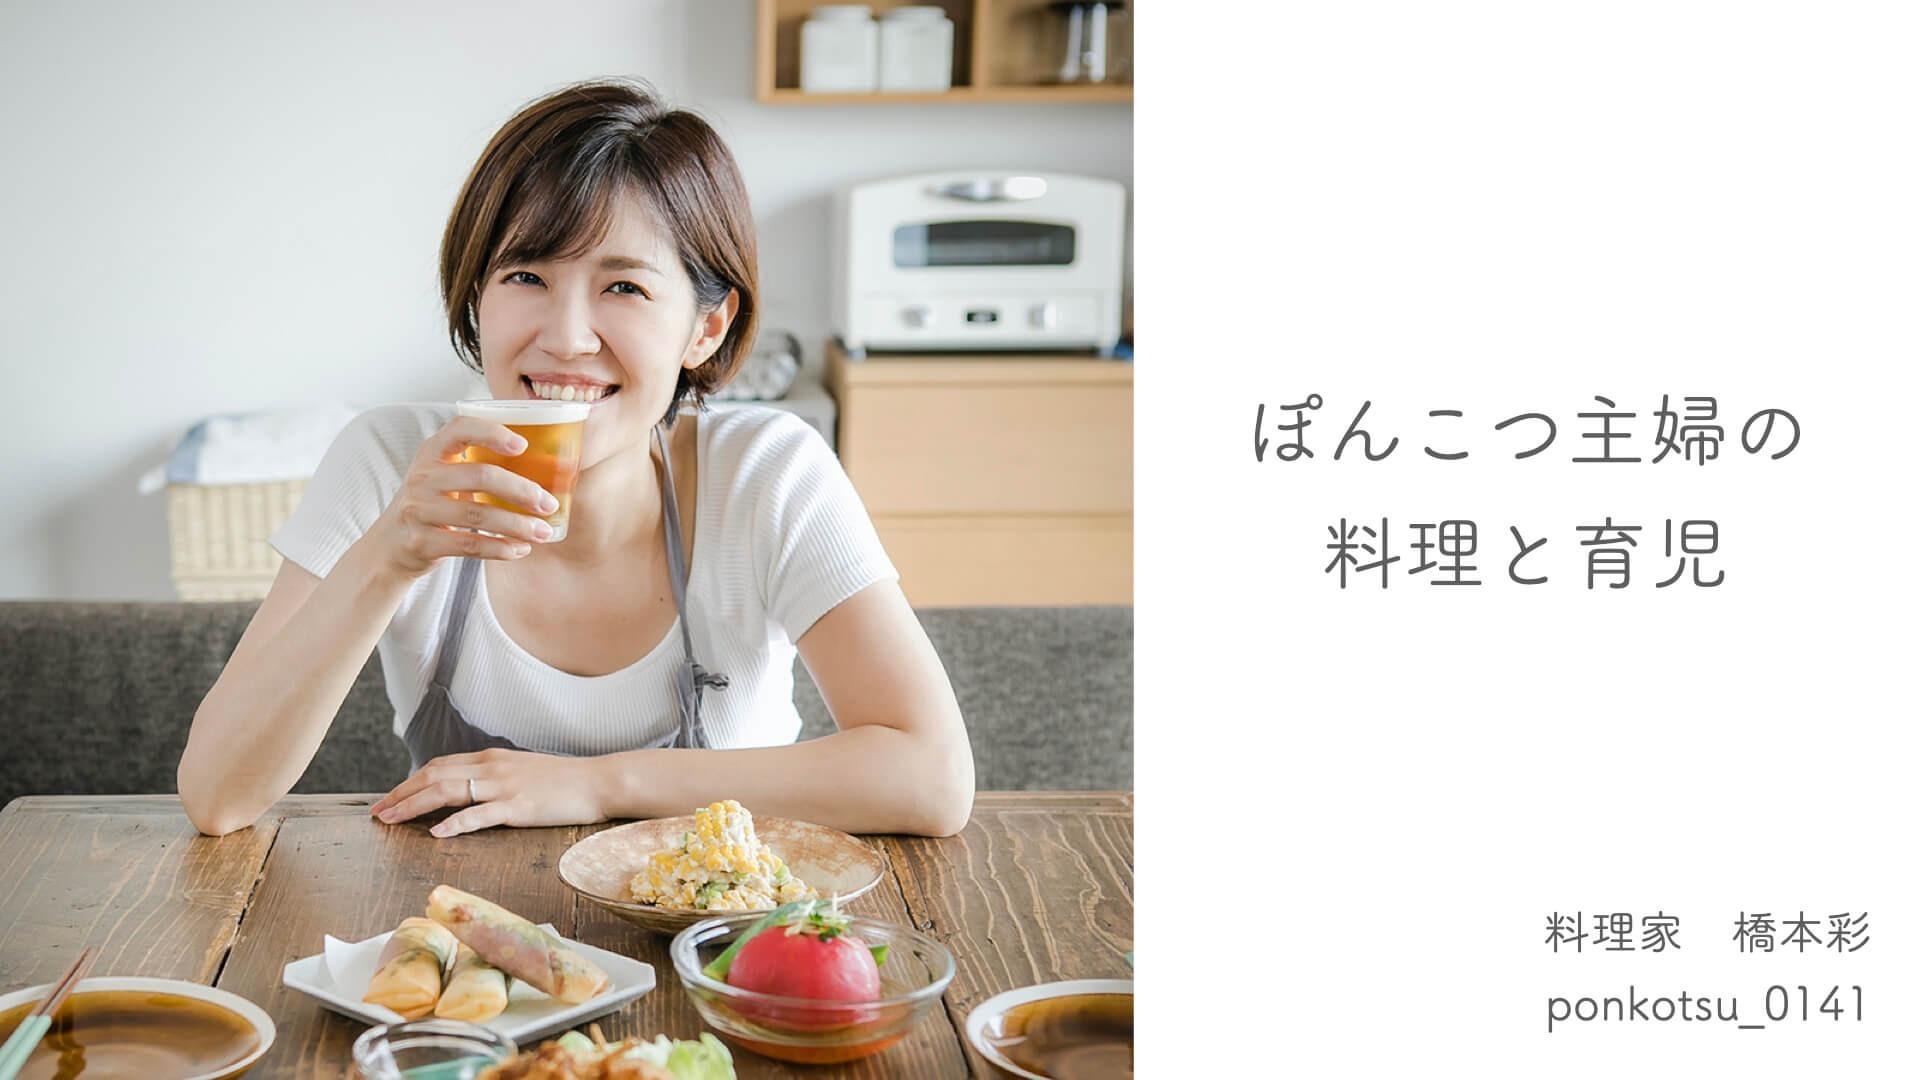 ぽんこつ主婦の料理と育児